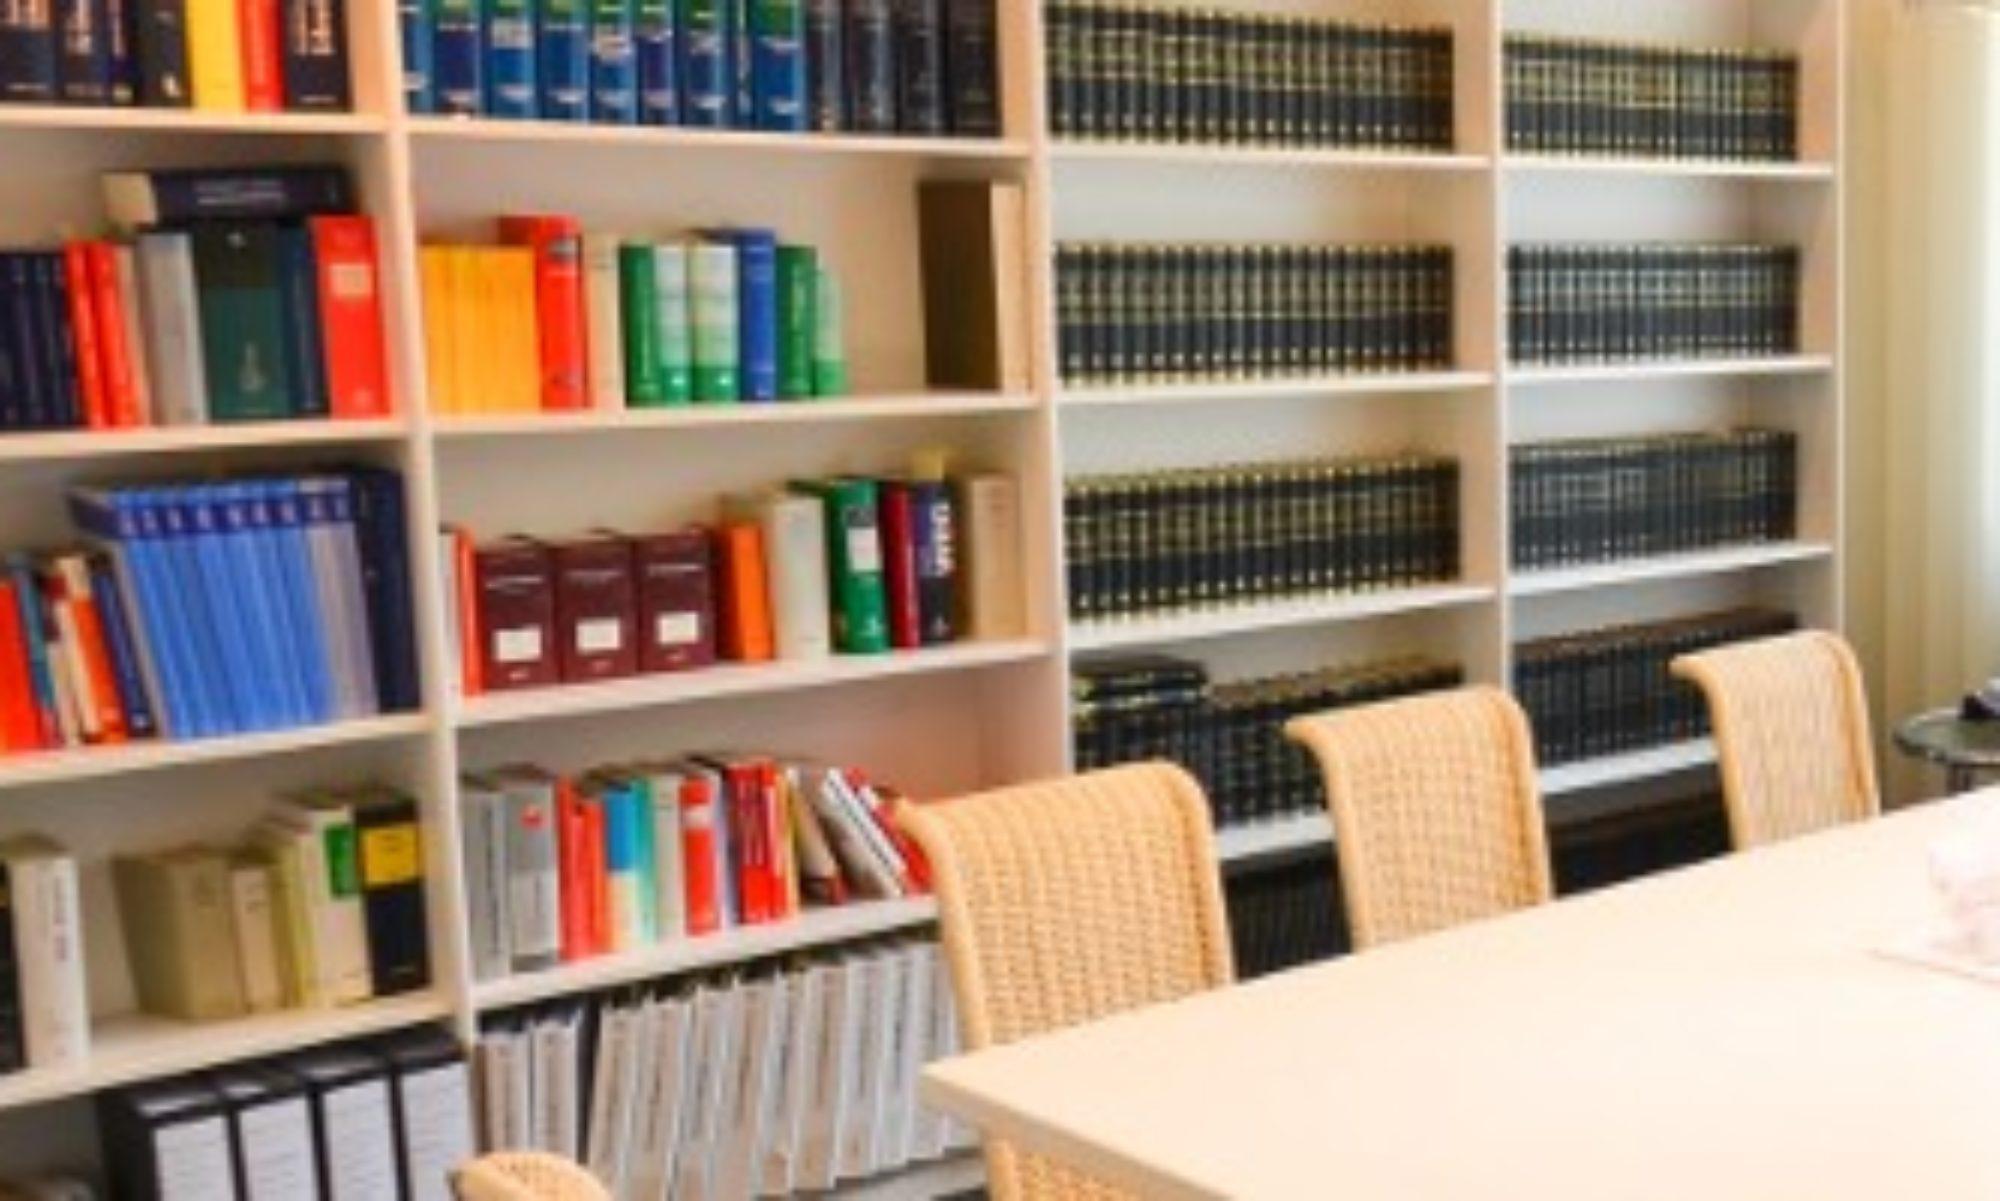 Kreft, Wehage & Pieper - Notare | Rechtsanwälte | Fachanwälte